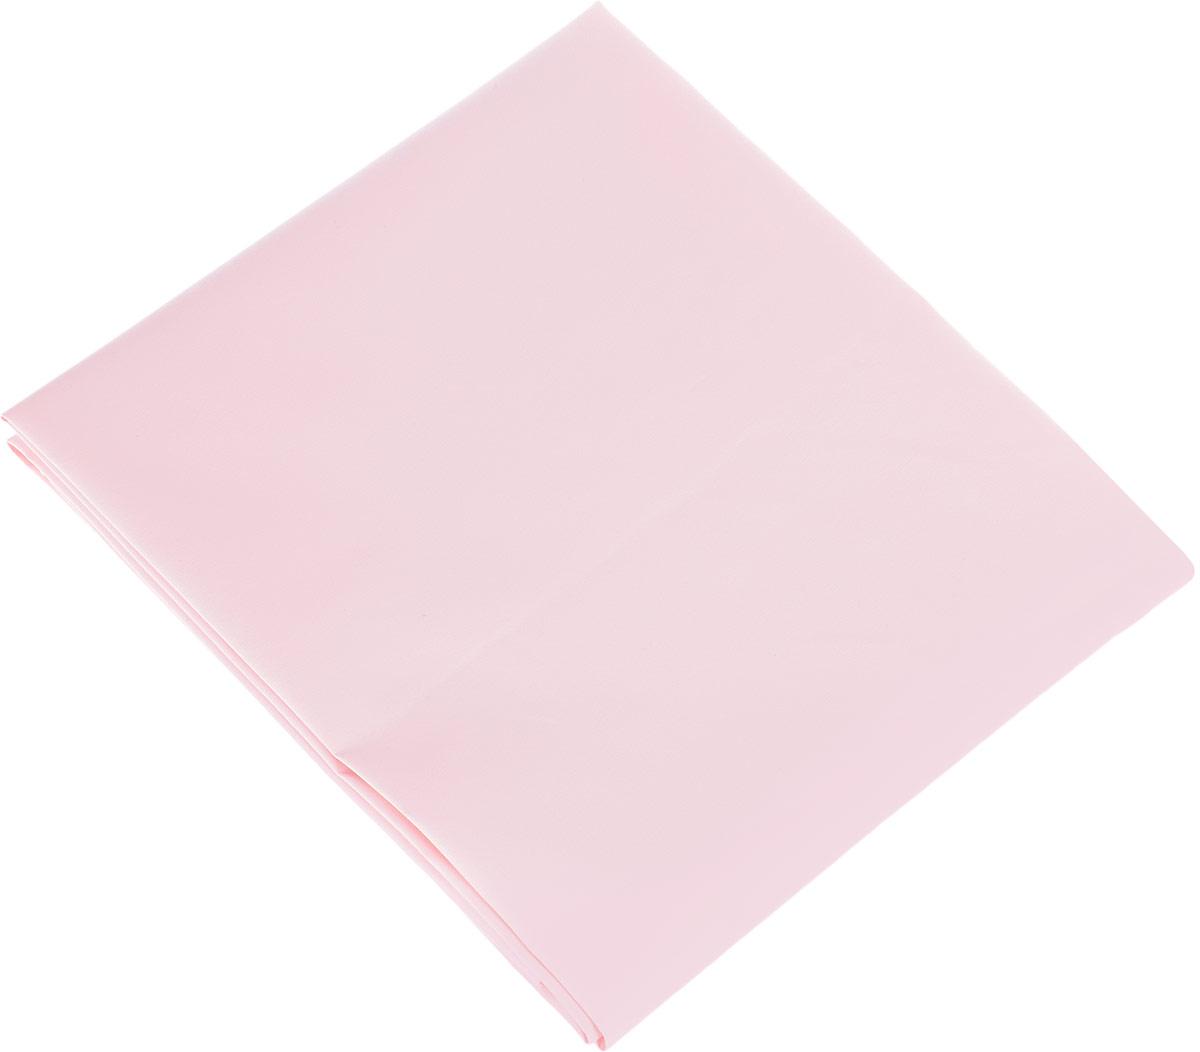 Пелигрин Наматрасник детский цвет розовый 120 х 60 х 10 см5263Наматрасник Пелигрин с резинками на углах сделан из специальной клеёнки.Непромокаемый дышащий наматрасник надежно защитит кроватку малыша от протеканий и продлит срок службы матраса. Материал, из которого он сделан, обладает отличной теплопроводностью и паропроницаемостью. Он быстро приобретает температуру тела. тем самым устраняя эффект холодного прикосновения. А это значит, что вашему крохе будет всегда уютно в своей кроватке.Допускается машинная стирка при температуре 30 градусов, не требует глажки.